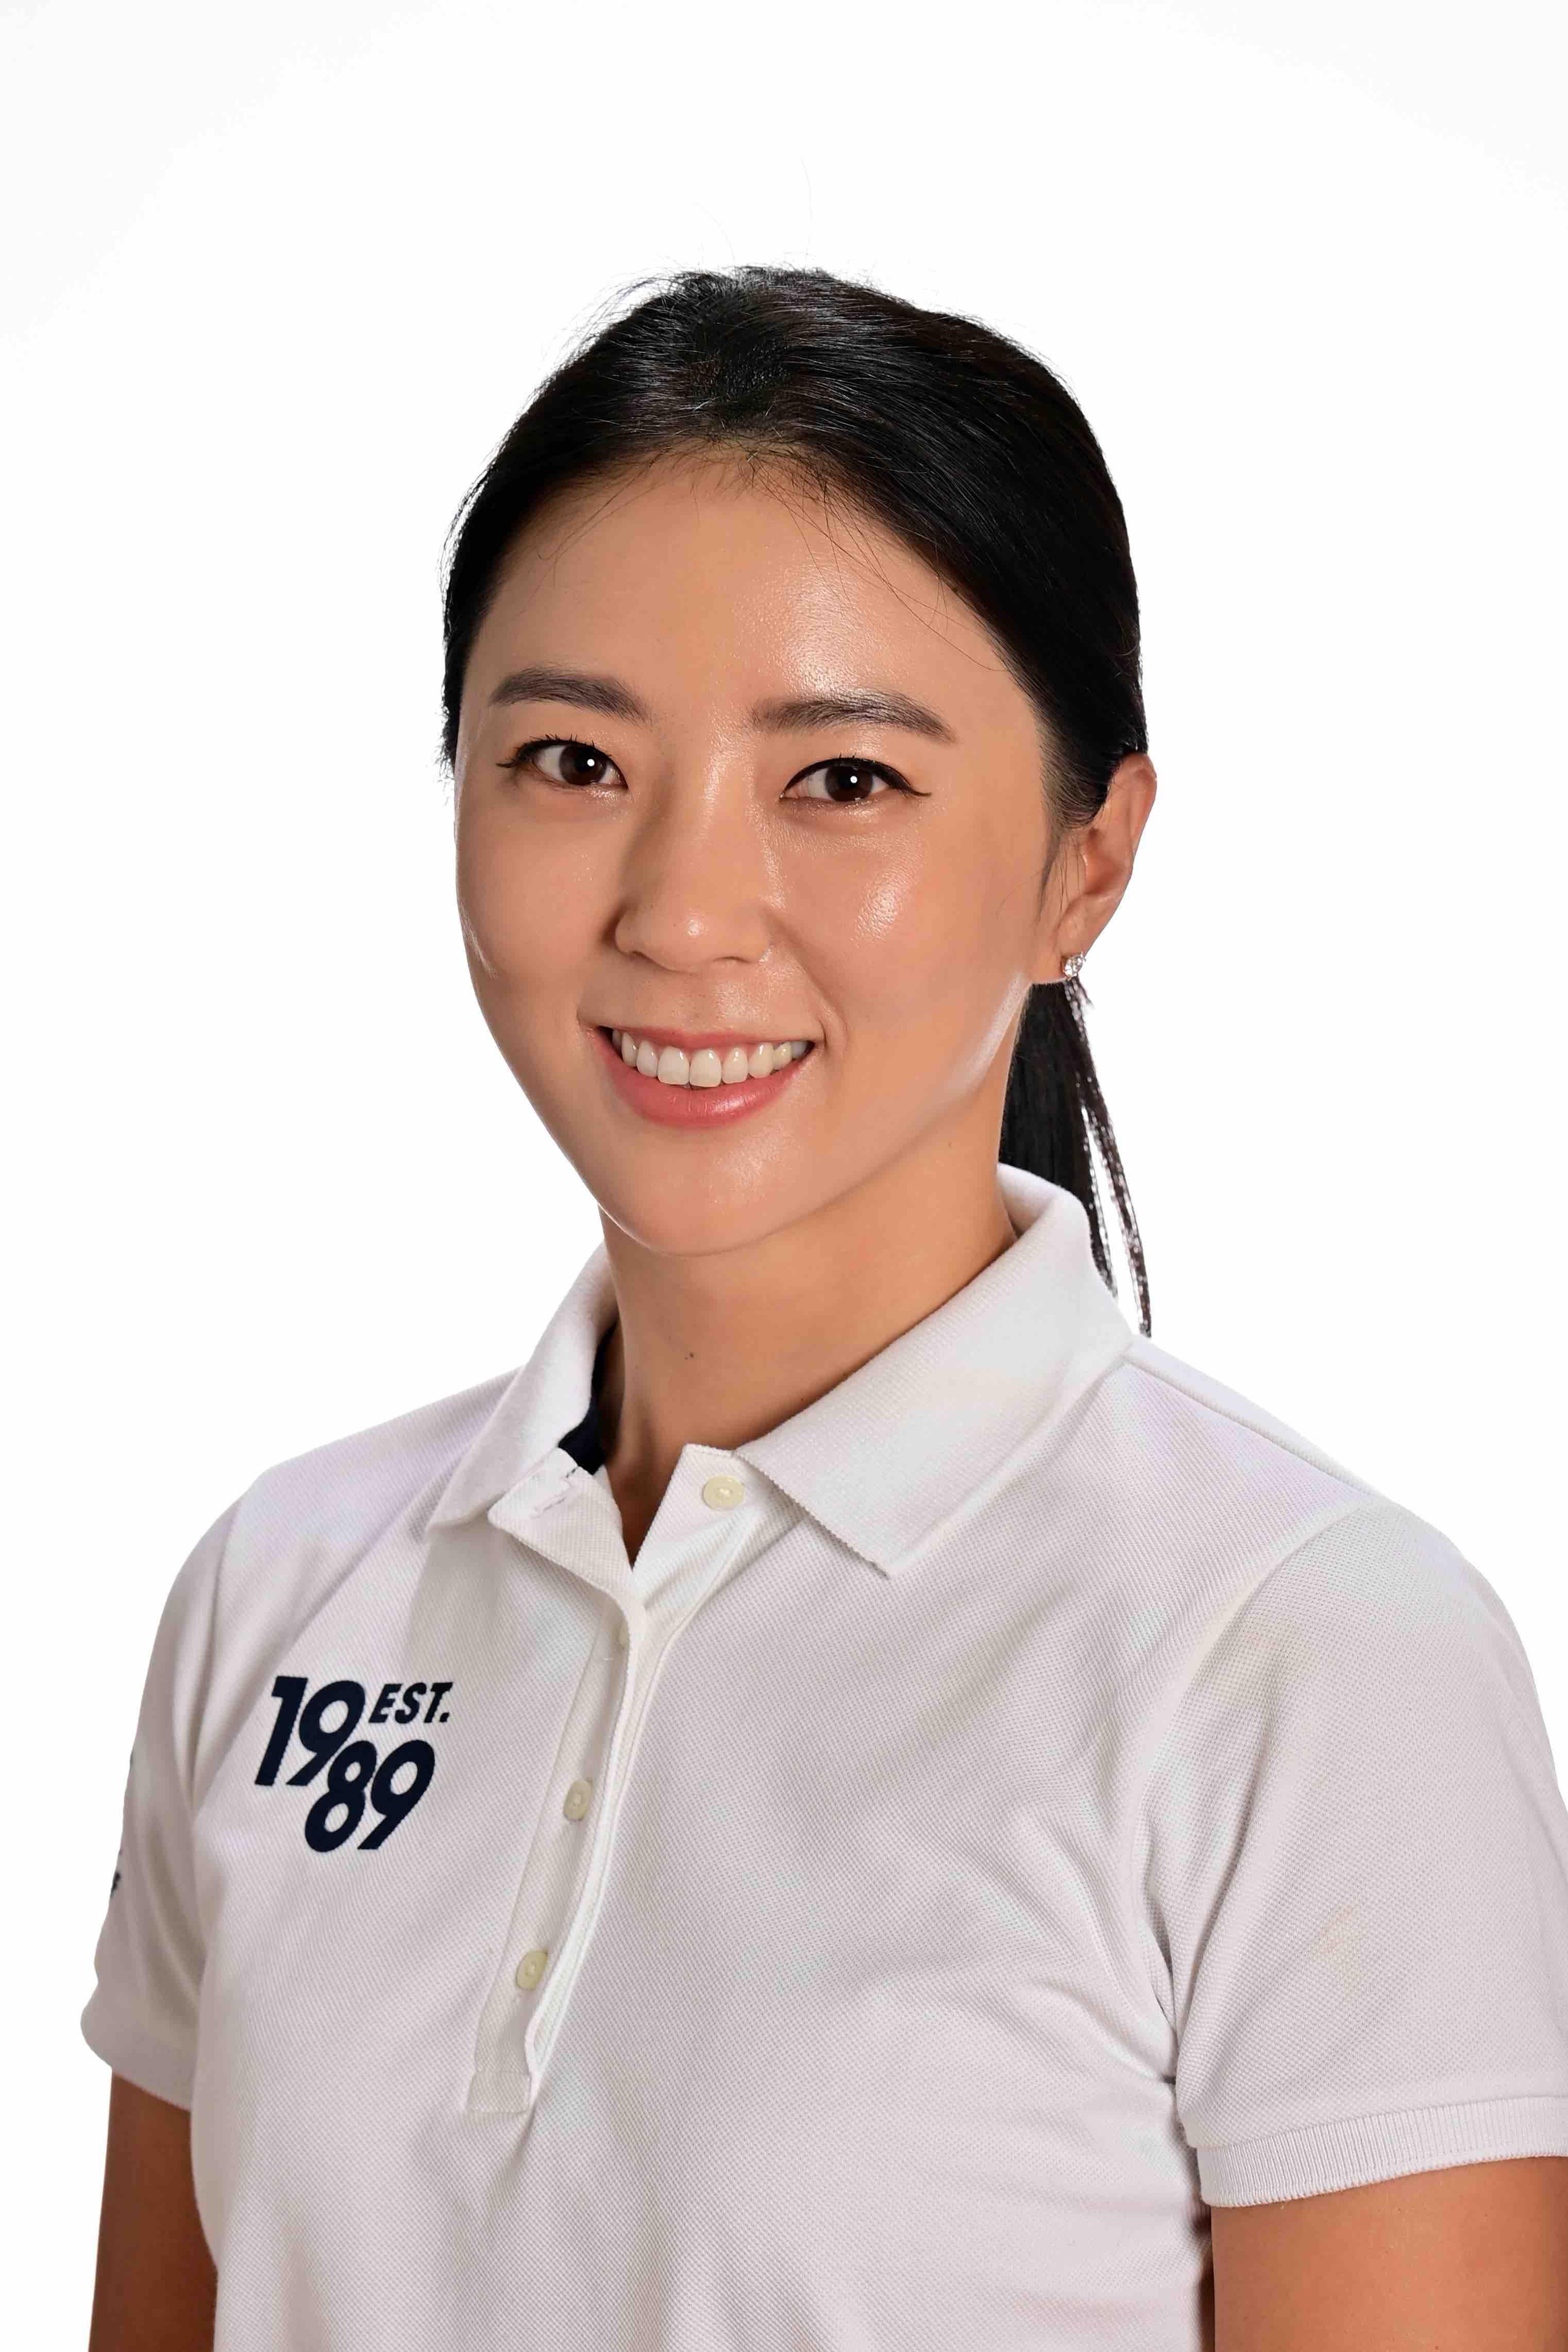 【JLPGA公式】ユン チェヨン 選手(ゴルフボール1スリーブ③)